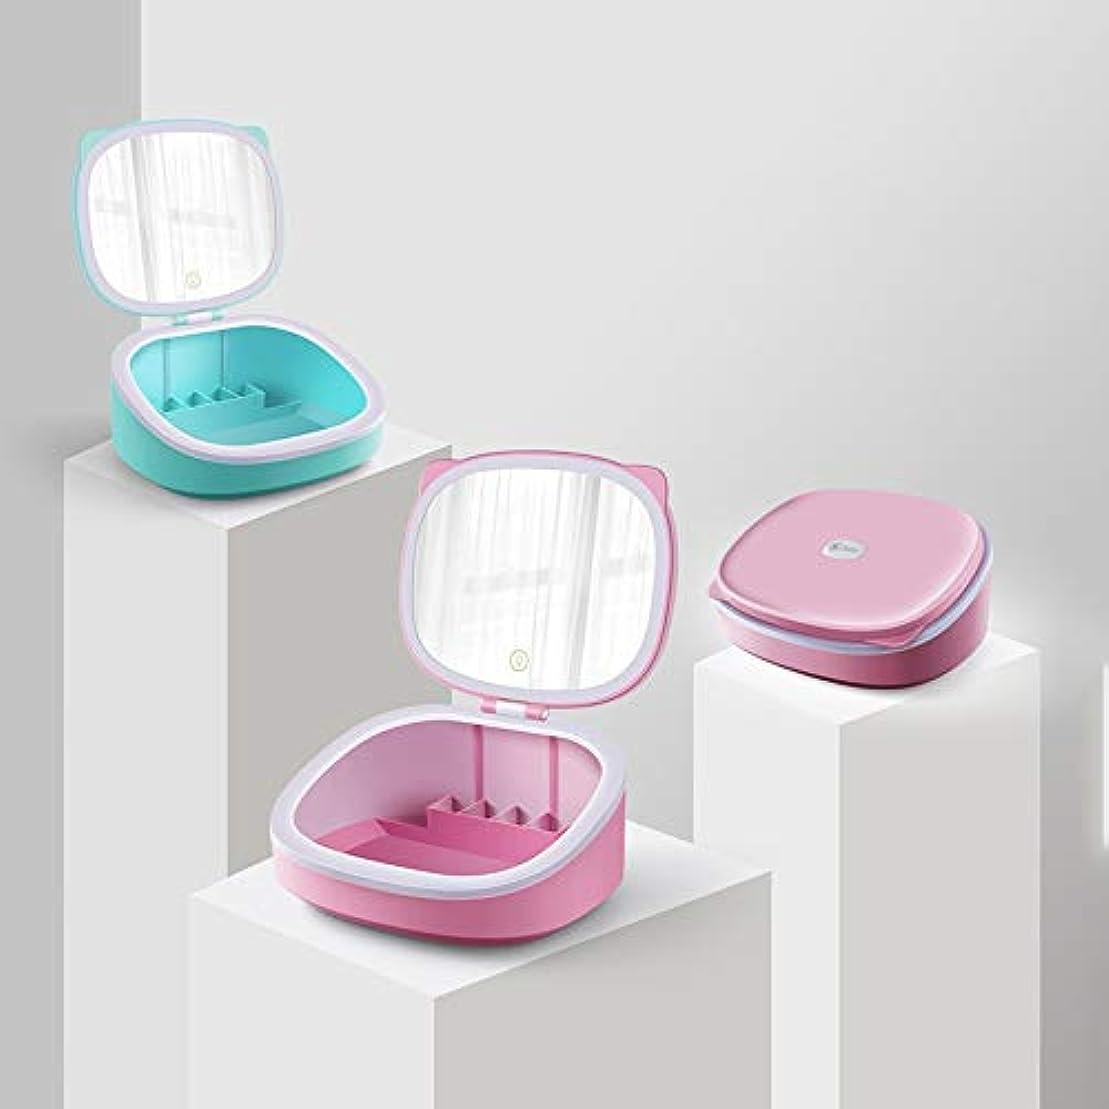 忍耐判定誠意流行の LEDライト化粧鏡収納猫美容鏡卓上鏡多機能光ABSピンクブルーを調整することができます (色 : Pink)